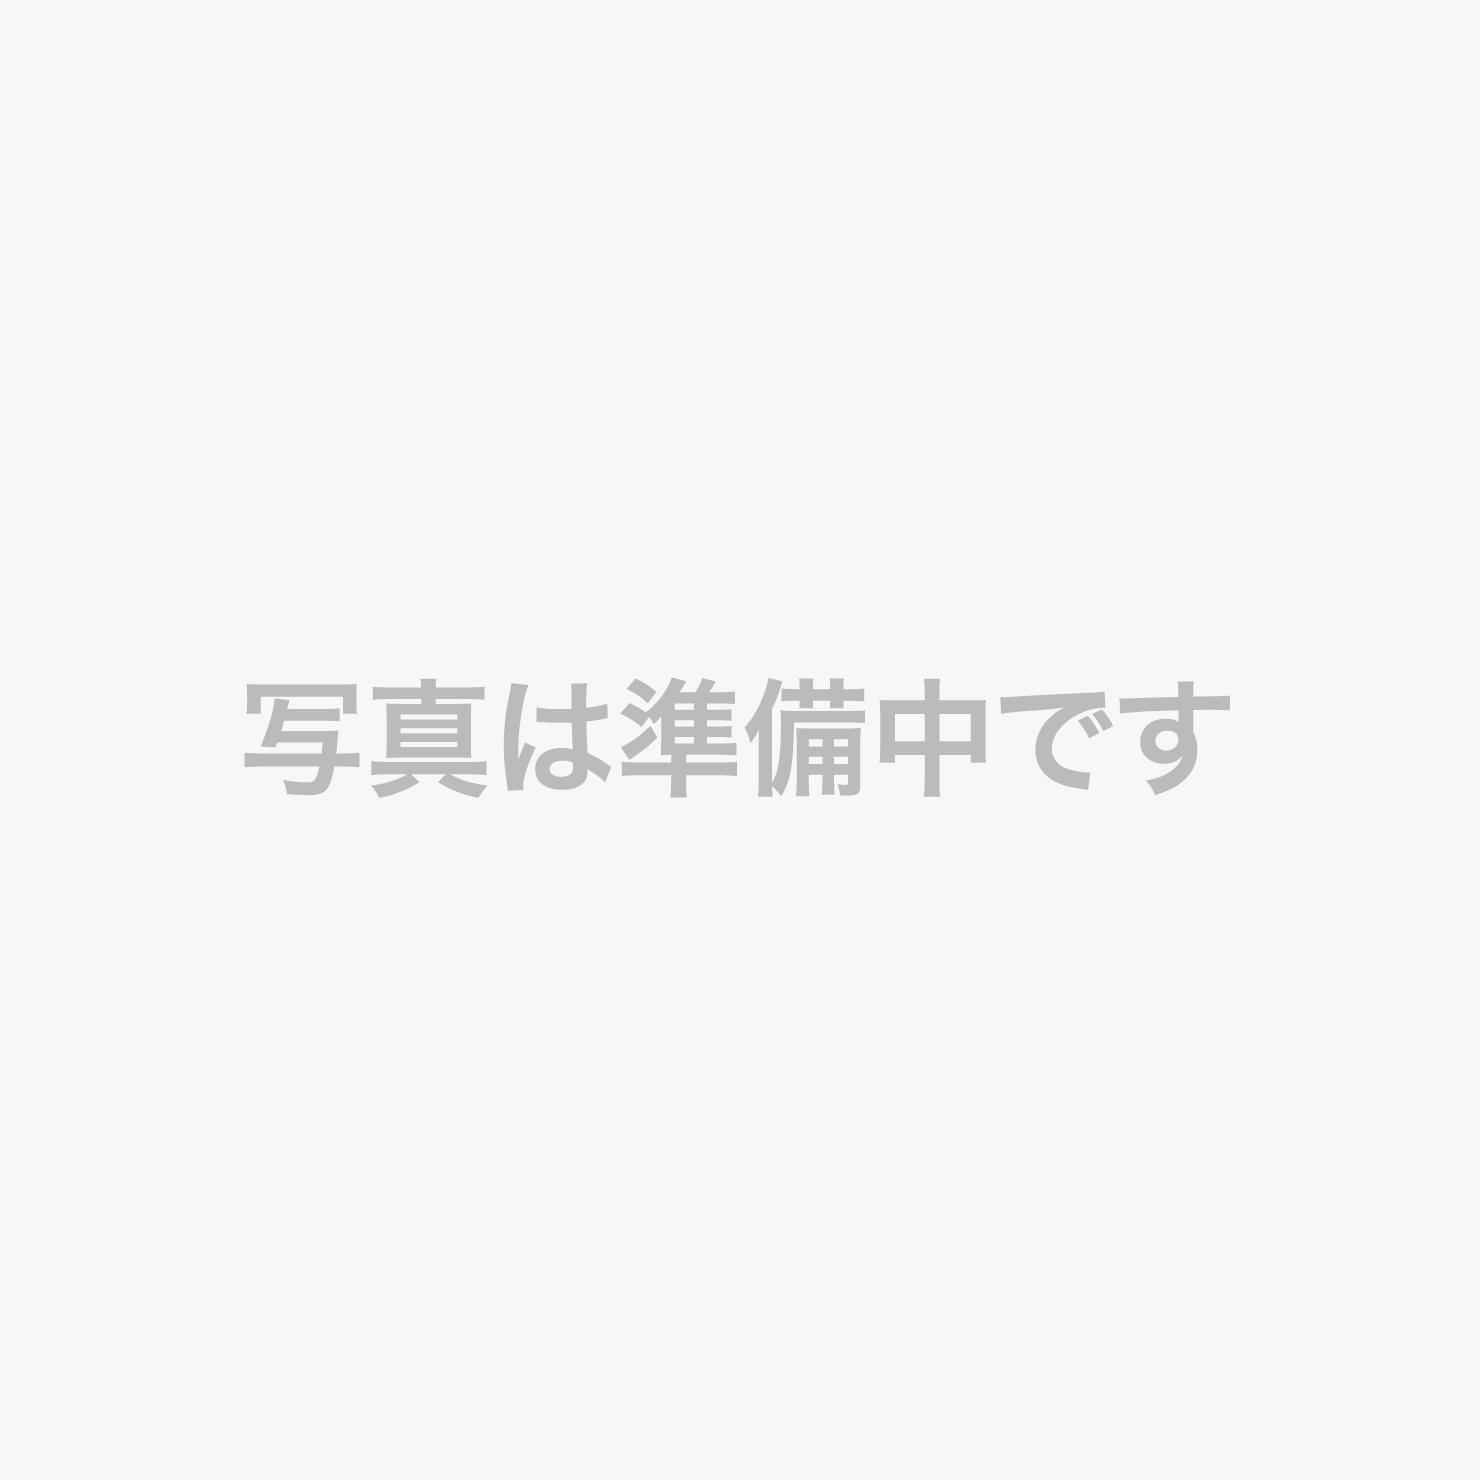 ■朝の彩り御膳6 (イメージ)■